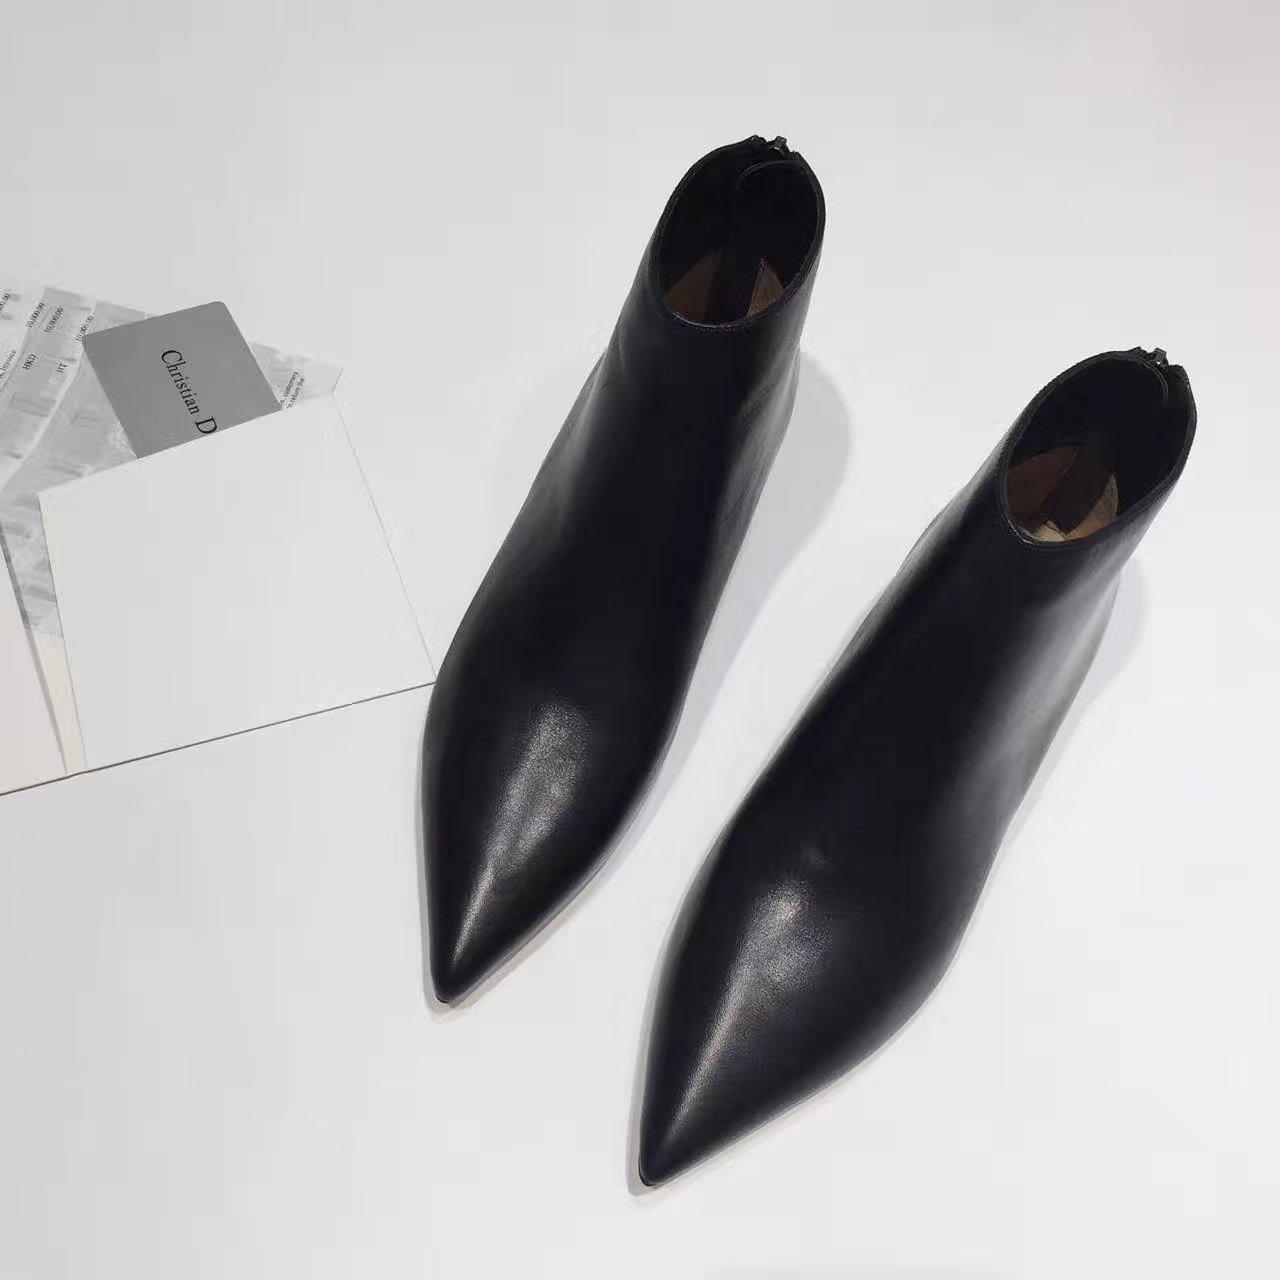 迪奥真皮短靴 2017SS dior秋冬新款短靴